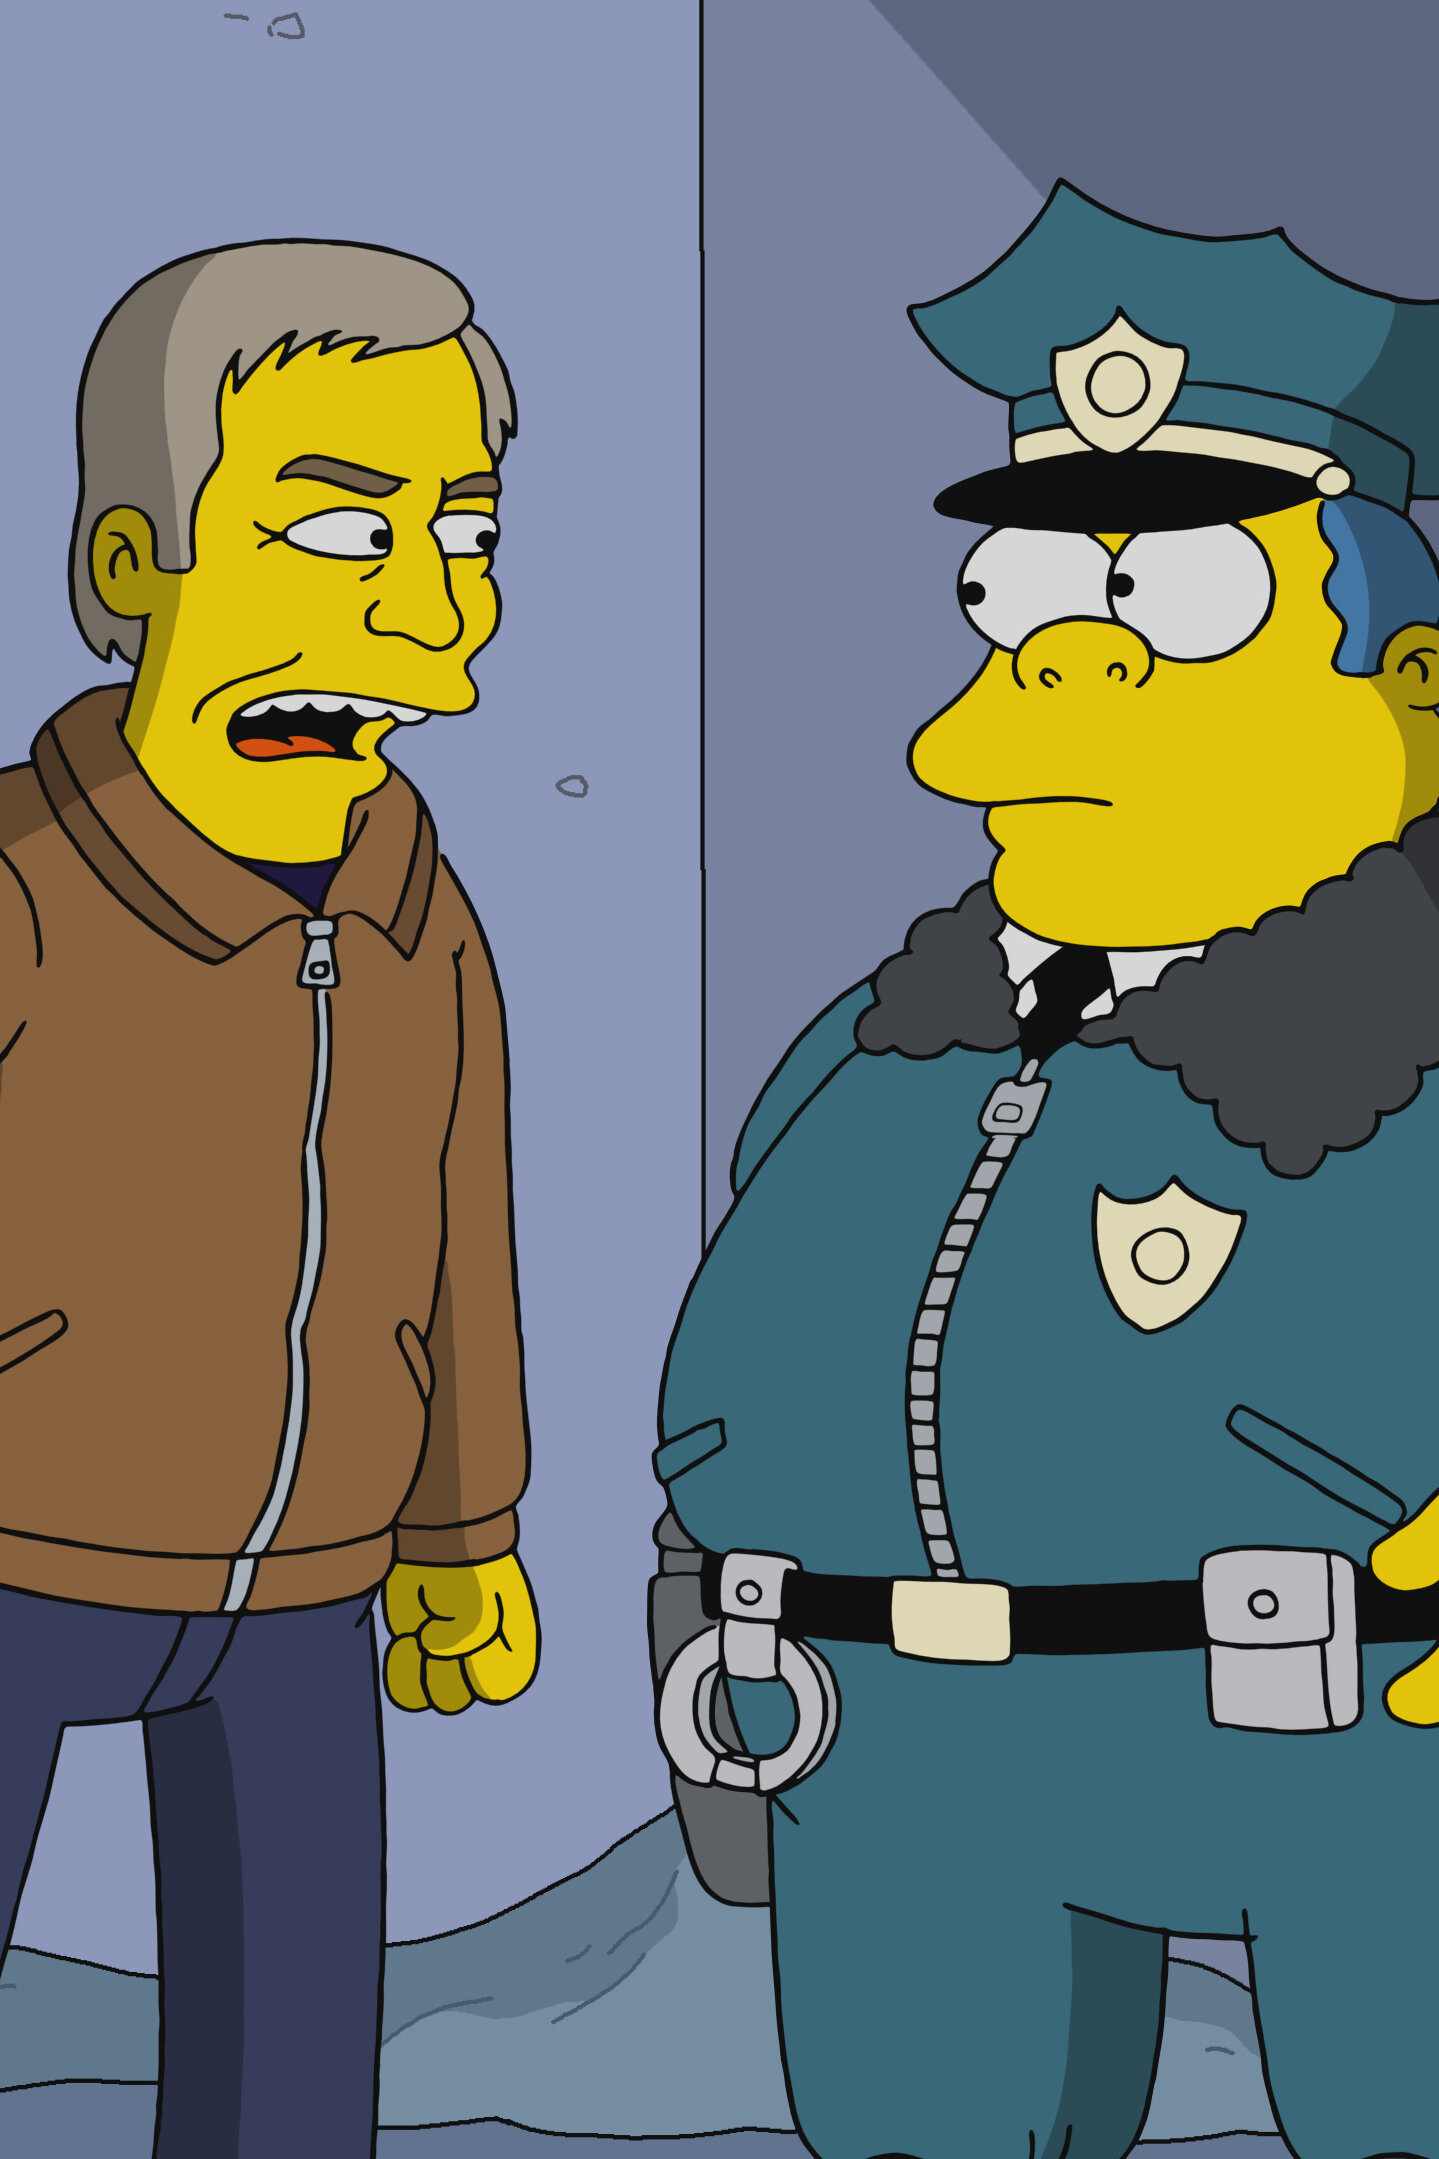 Les Simpson - Bobby, il fait froid dehors